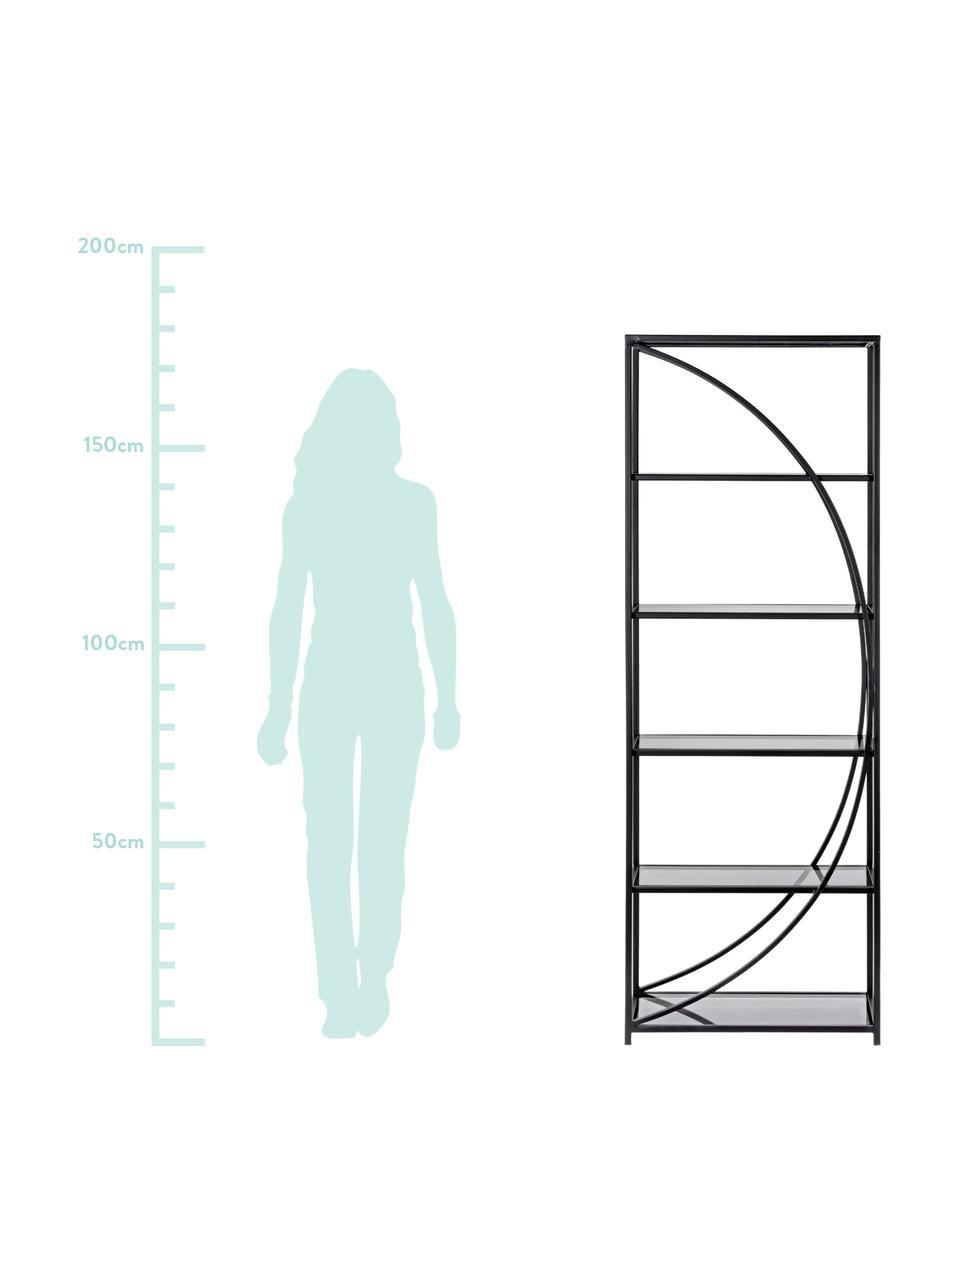 Metall-Standregal Korvet in Schwarz, Gestell: Metall, epoxidiert und pu, Einlegeböden: Glas, Schwarz, Grau, transparent, 61 x 178 cm